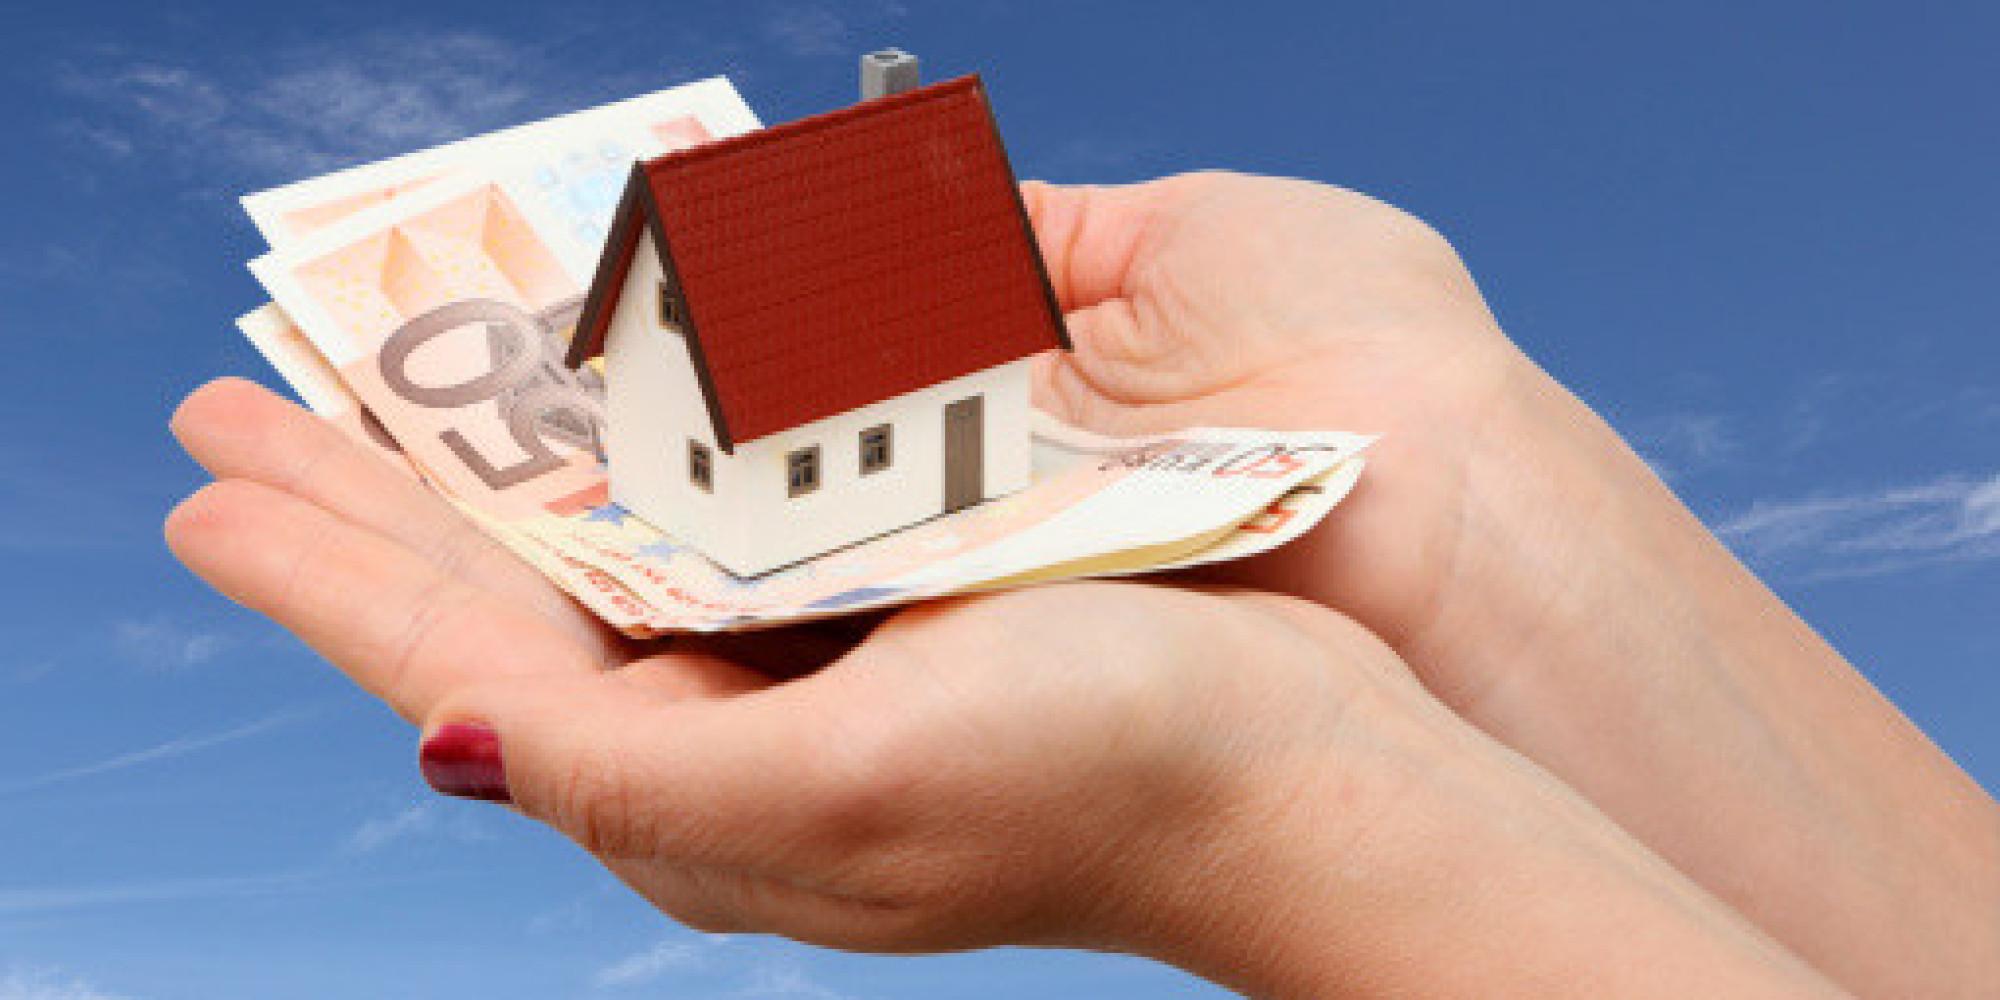 Mutui casa l 39 ance denuncia calo del 60 in cinque anni for Mutuo casa prefabbricata